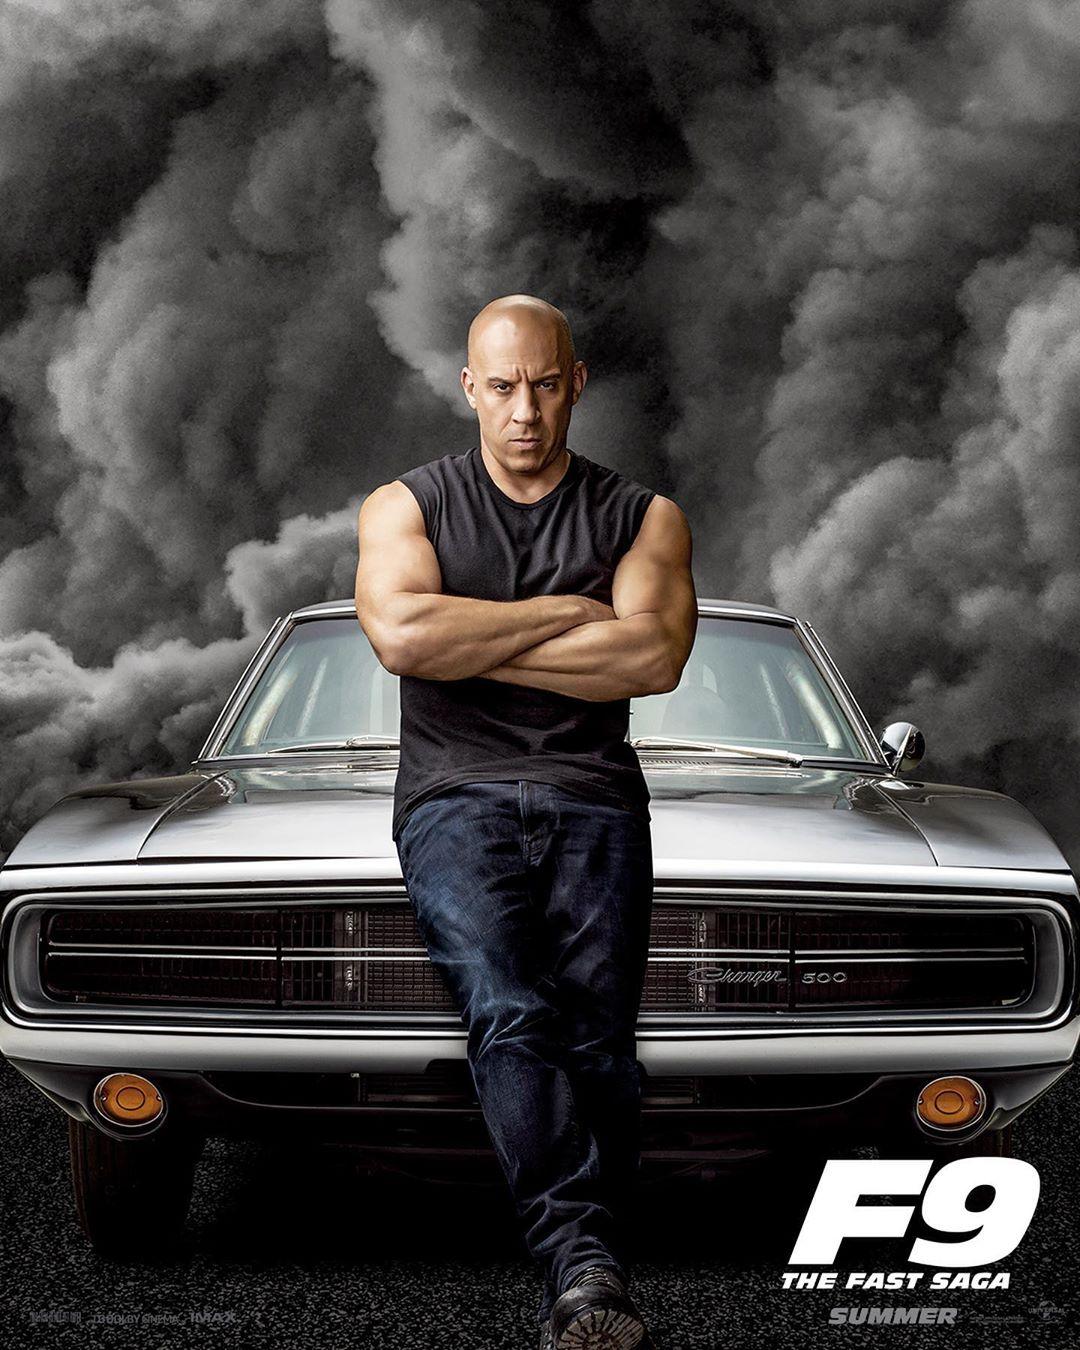 Van Diesel from Fast & Furious 9